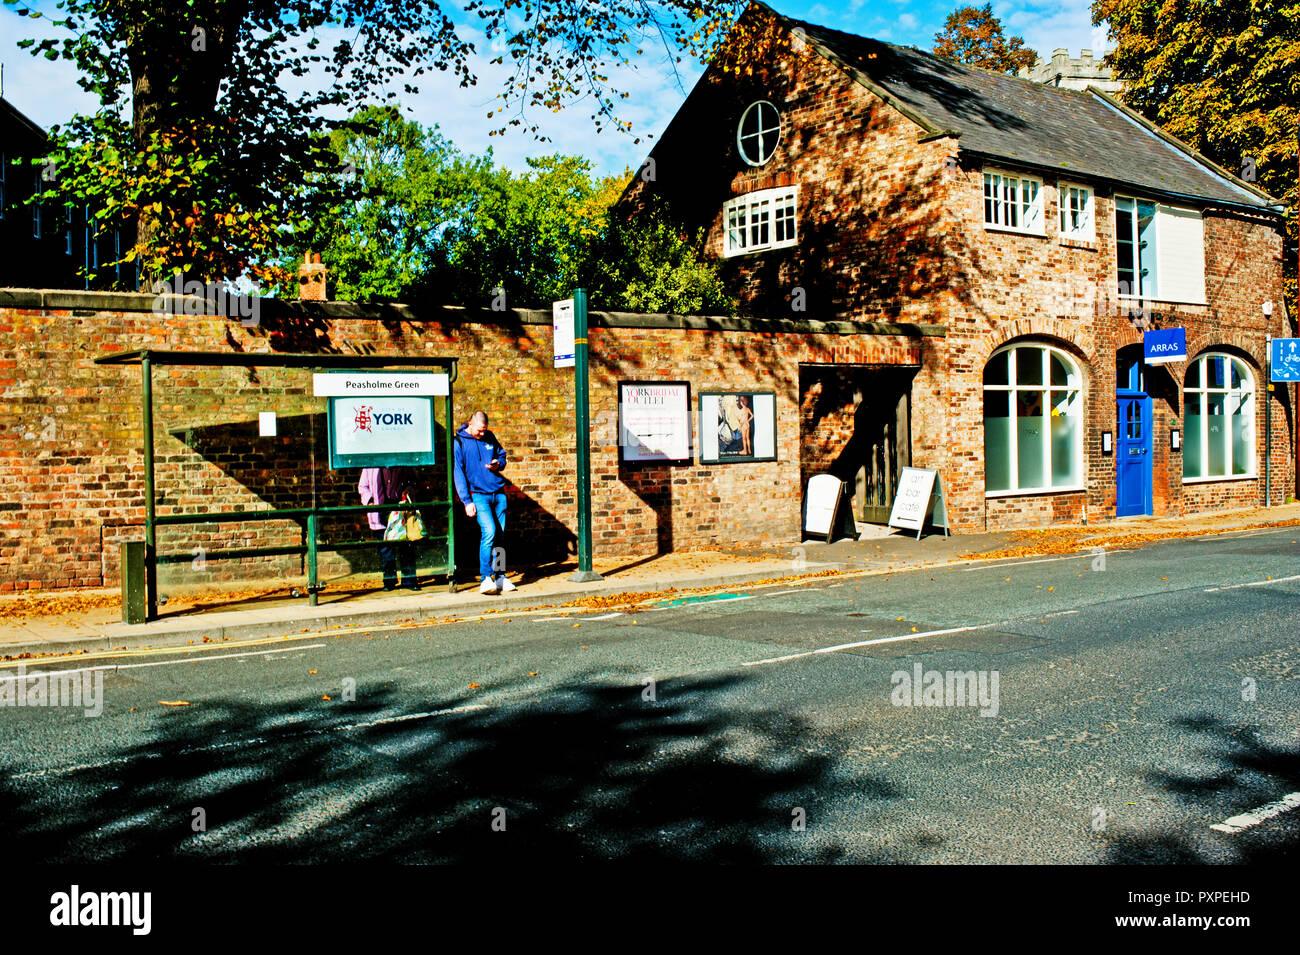 Bus stop, Peasholme Green, York, England - Stock Image